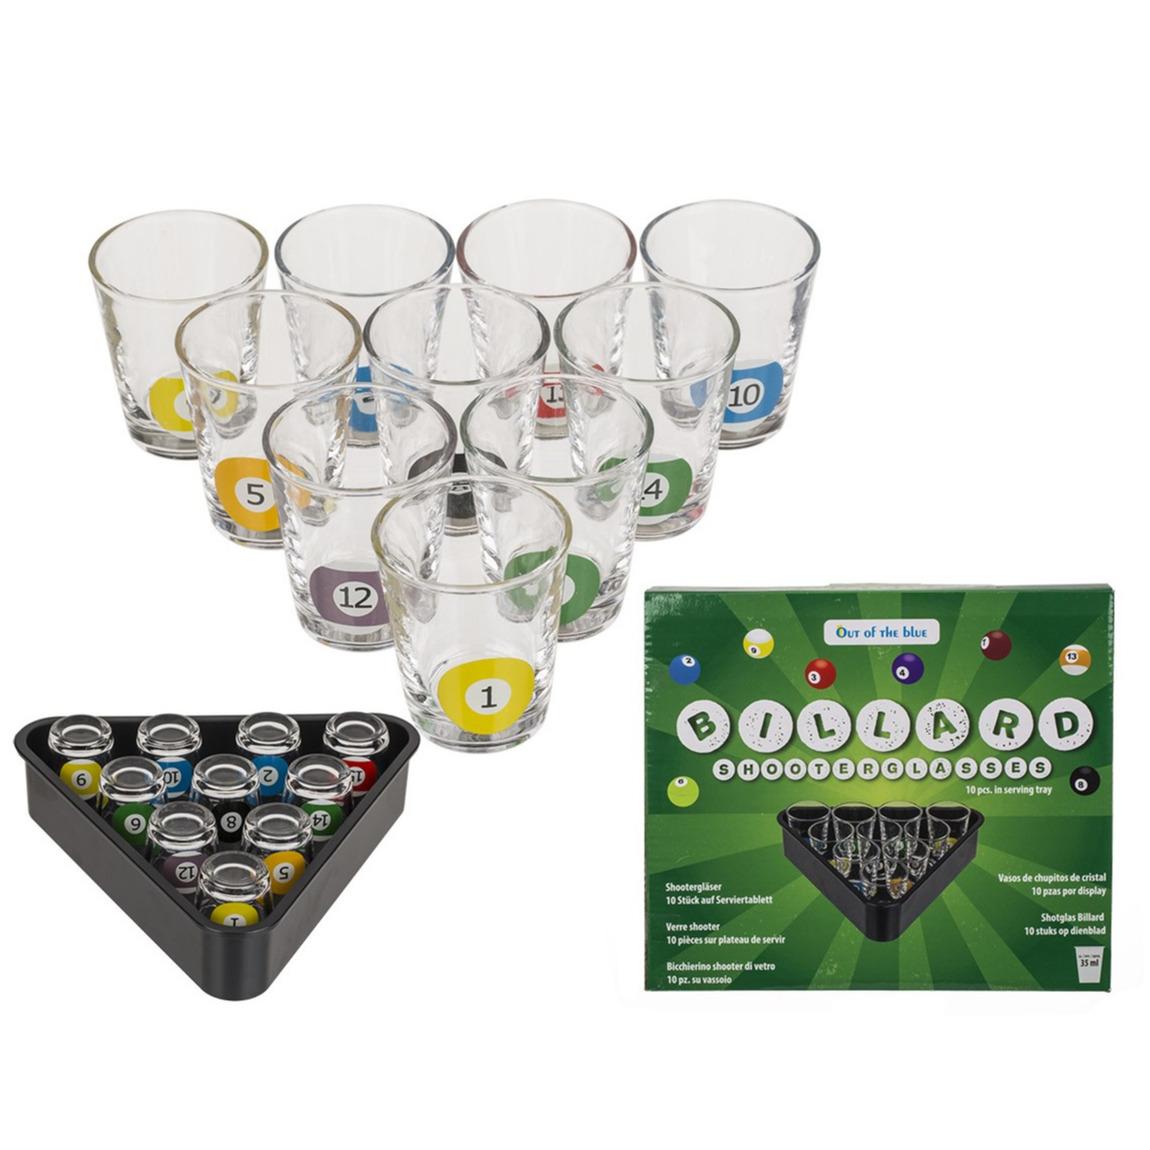 Drankspel drinkspel shotjes snooker met 10 glaasjes